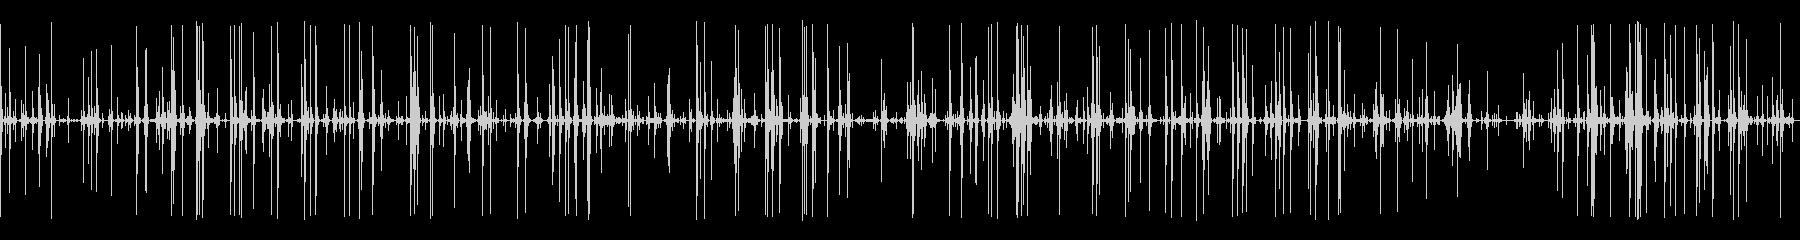 SF的な長い環境音(ピーピピピ)の未再生の波形